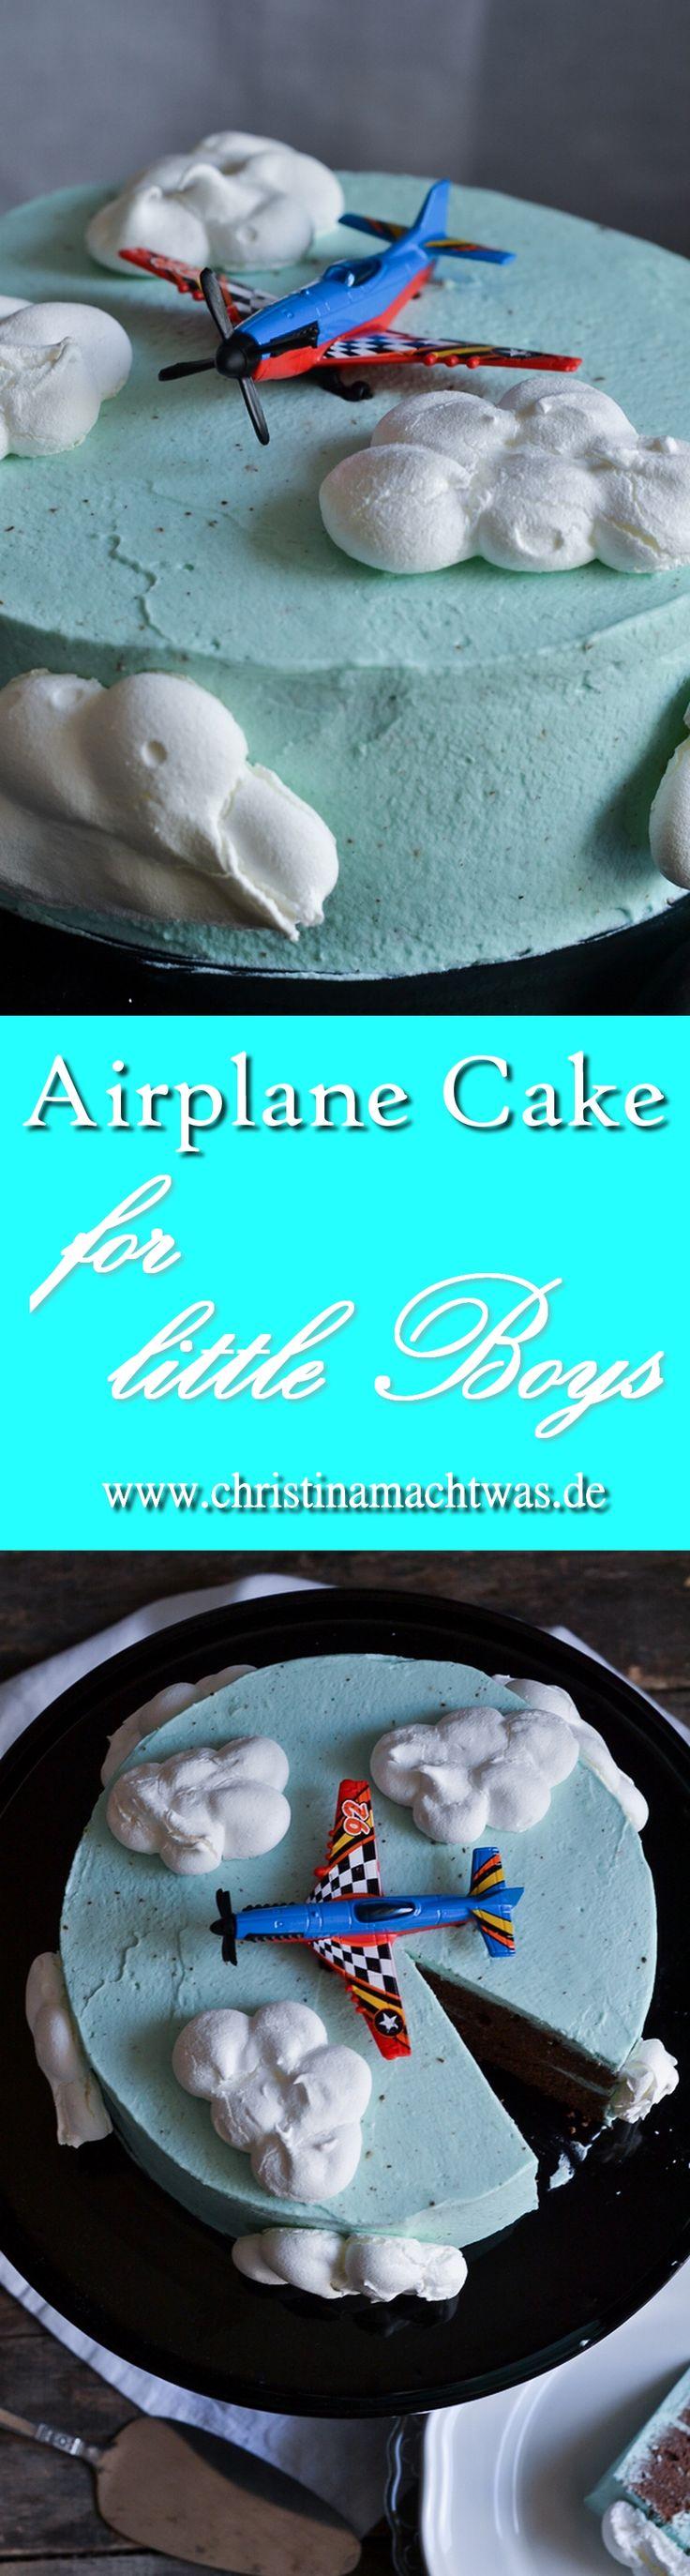 Du suchst eine Inspiration für ein kleines Geburtstagskind? Super! Wie wäre es mit dieser süßen Torte? ---  This Airplane Cake will leave every Kiddo with a smile on his/her Face.